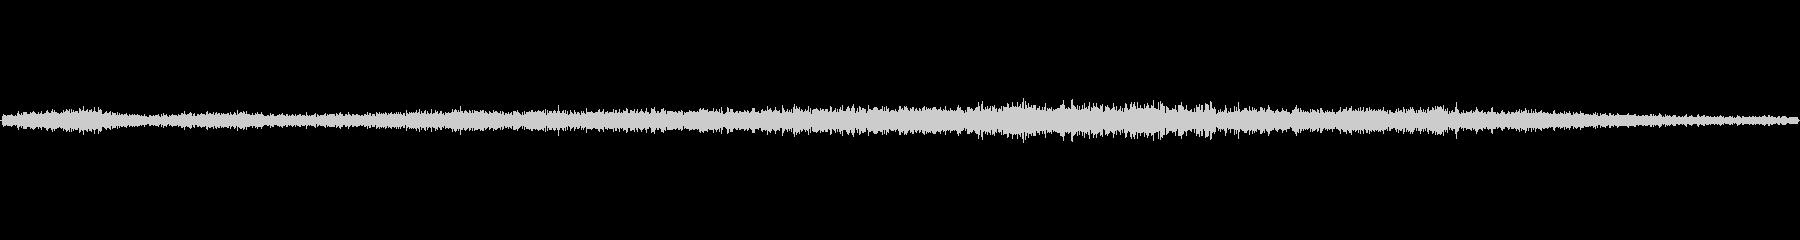 【生音】通行音 - 2 トラックのエン…の未再生の波形